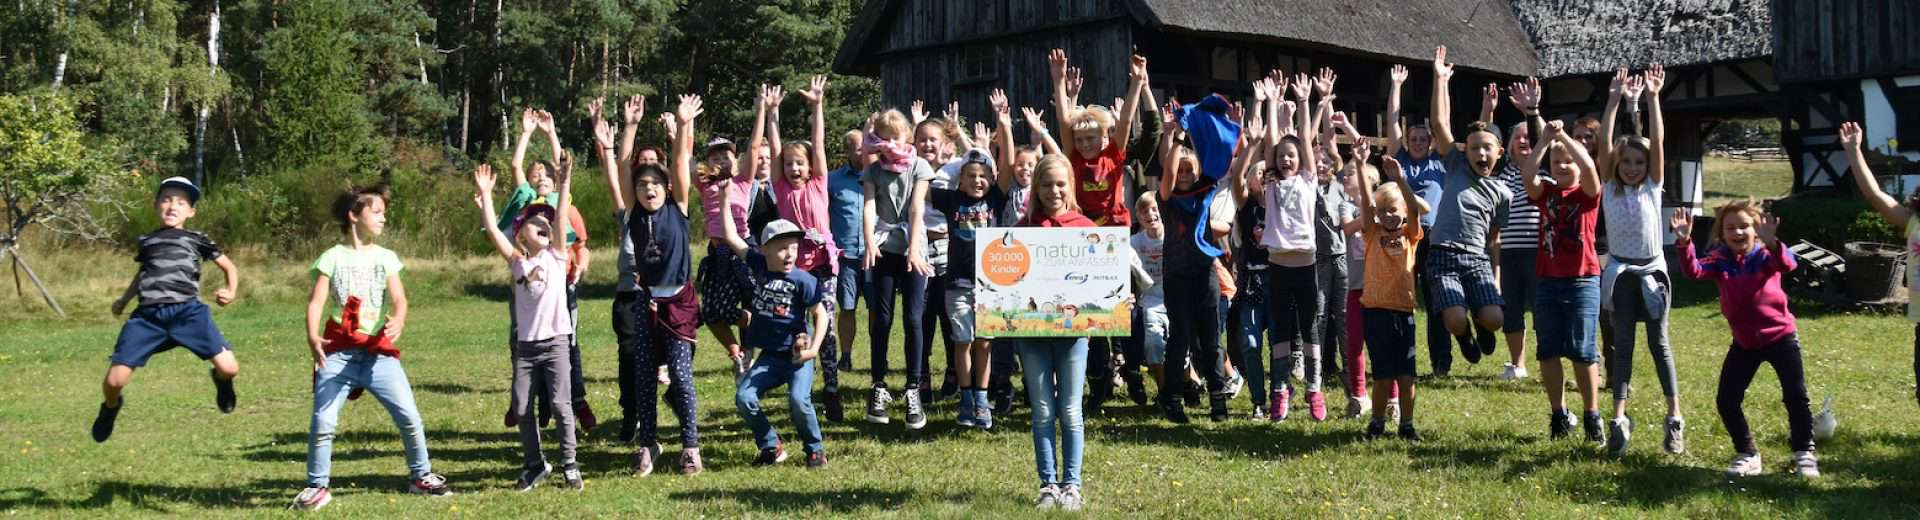 30.000. Kind beim Umweltbildungsprojekt Natur zum Anfassen